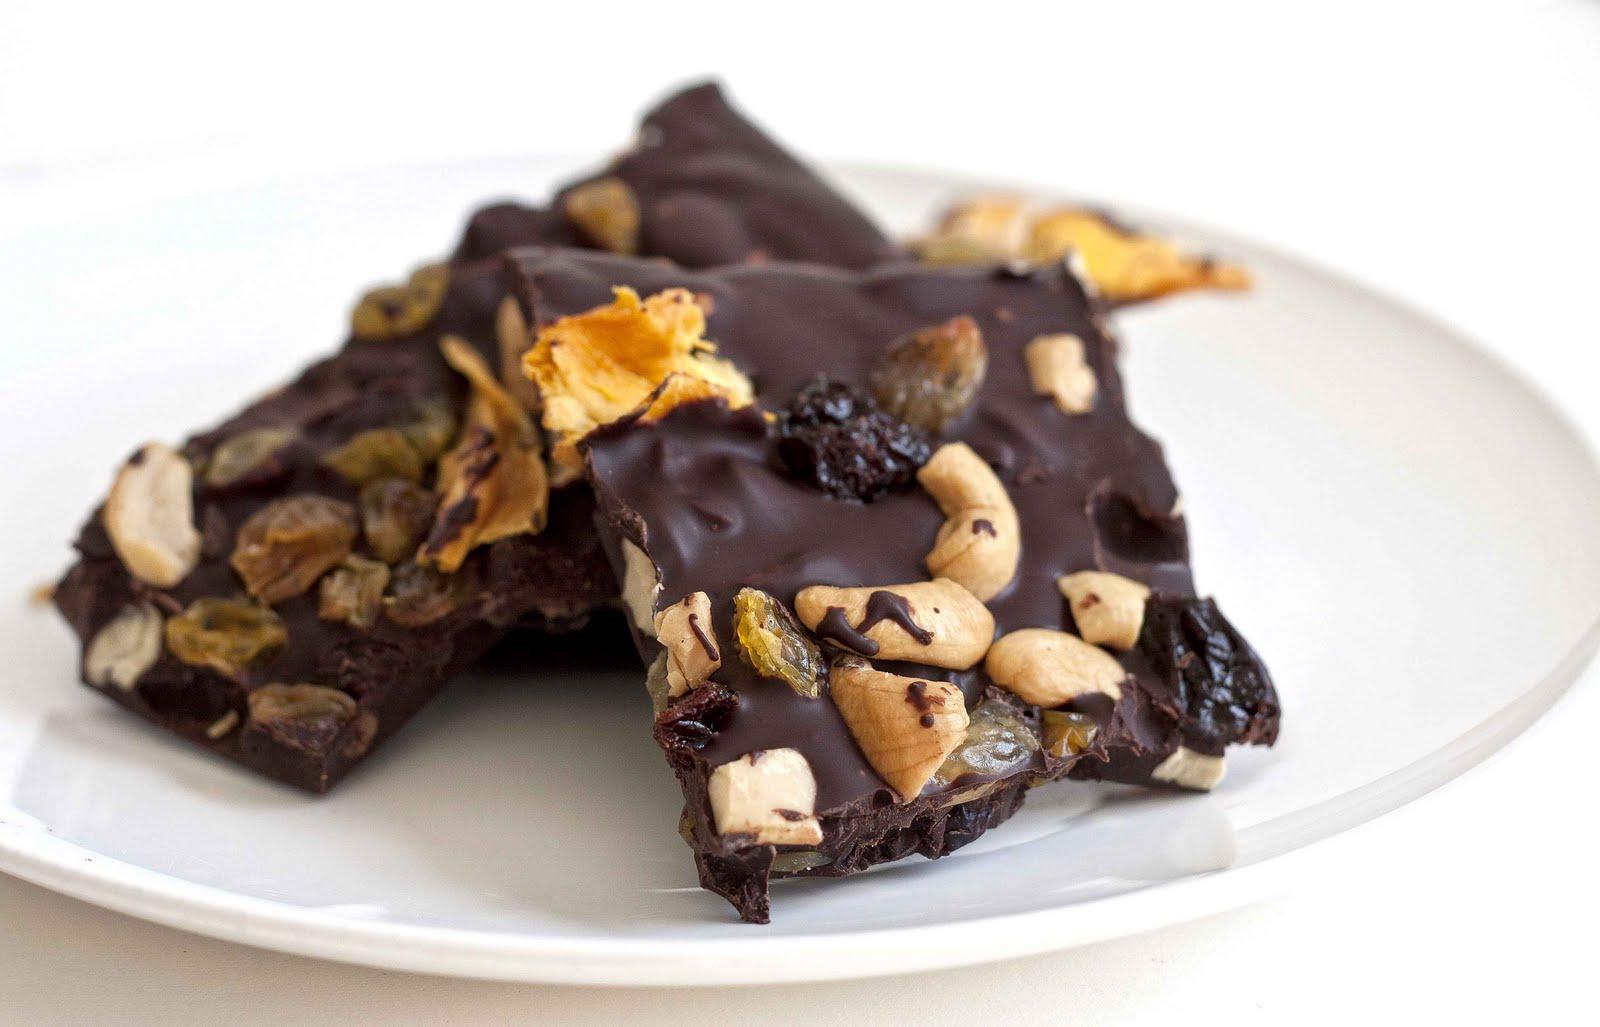 Кофейный шоколад с орешками и сухофруктами